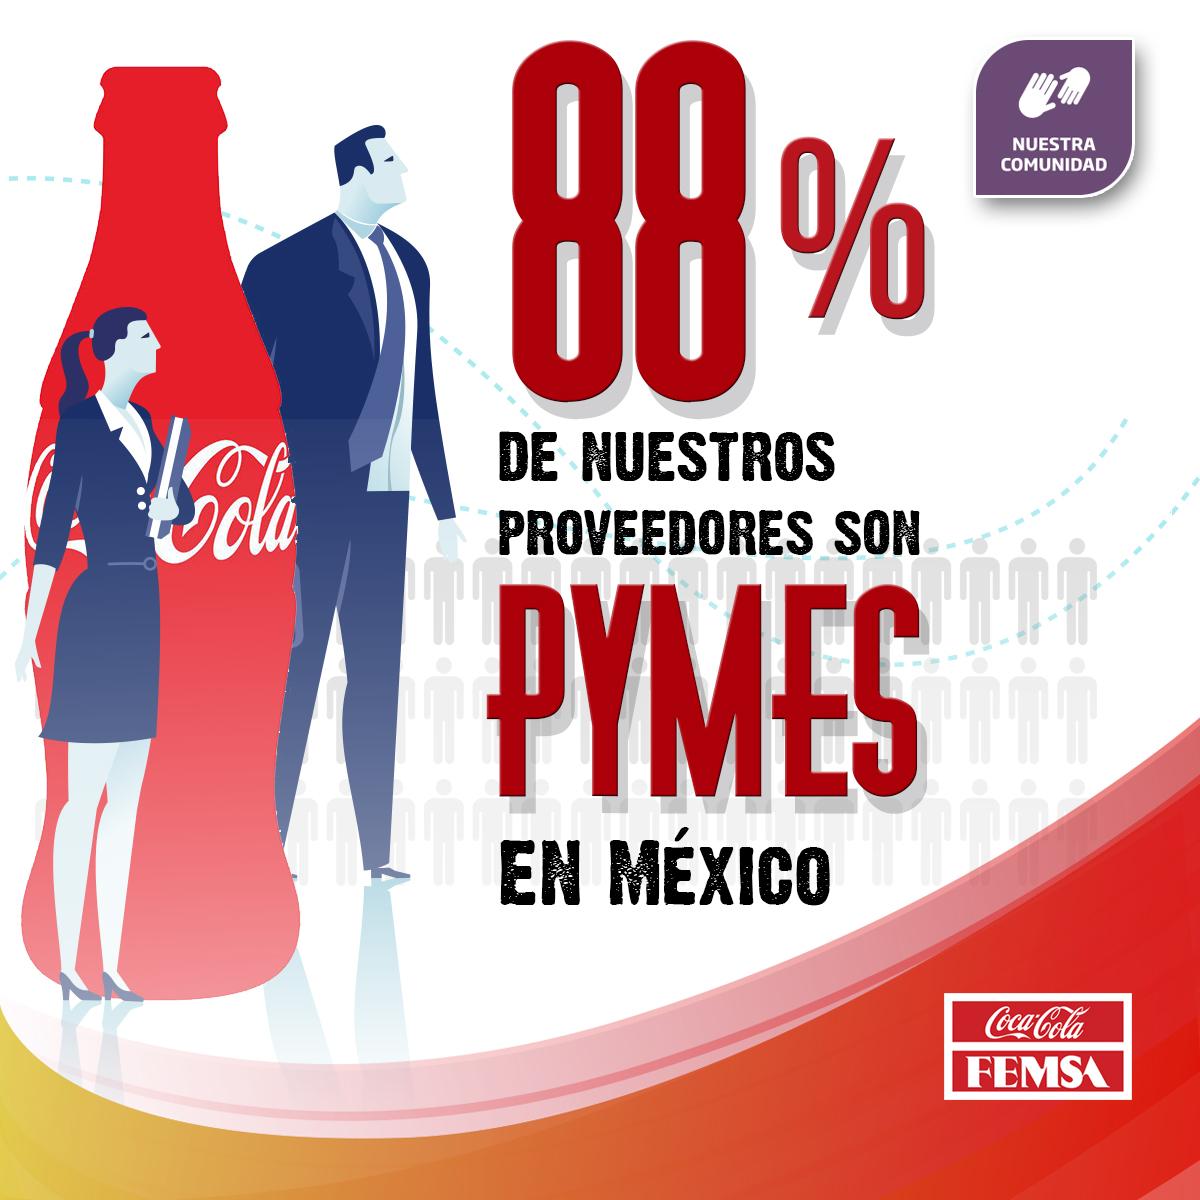 cocacolafemsa_proveedores_pyme